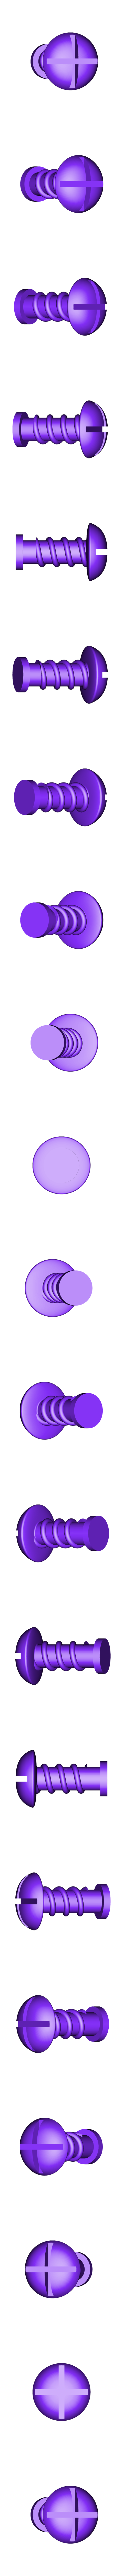 Screw_Top.stl Télécharger fichier STL gratuit Giant Magnemite - Pokemon • Modèle pour impression 3D, ChaosCoreTech